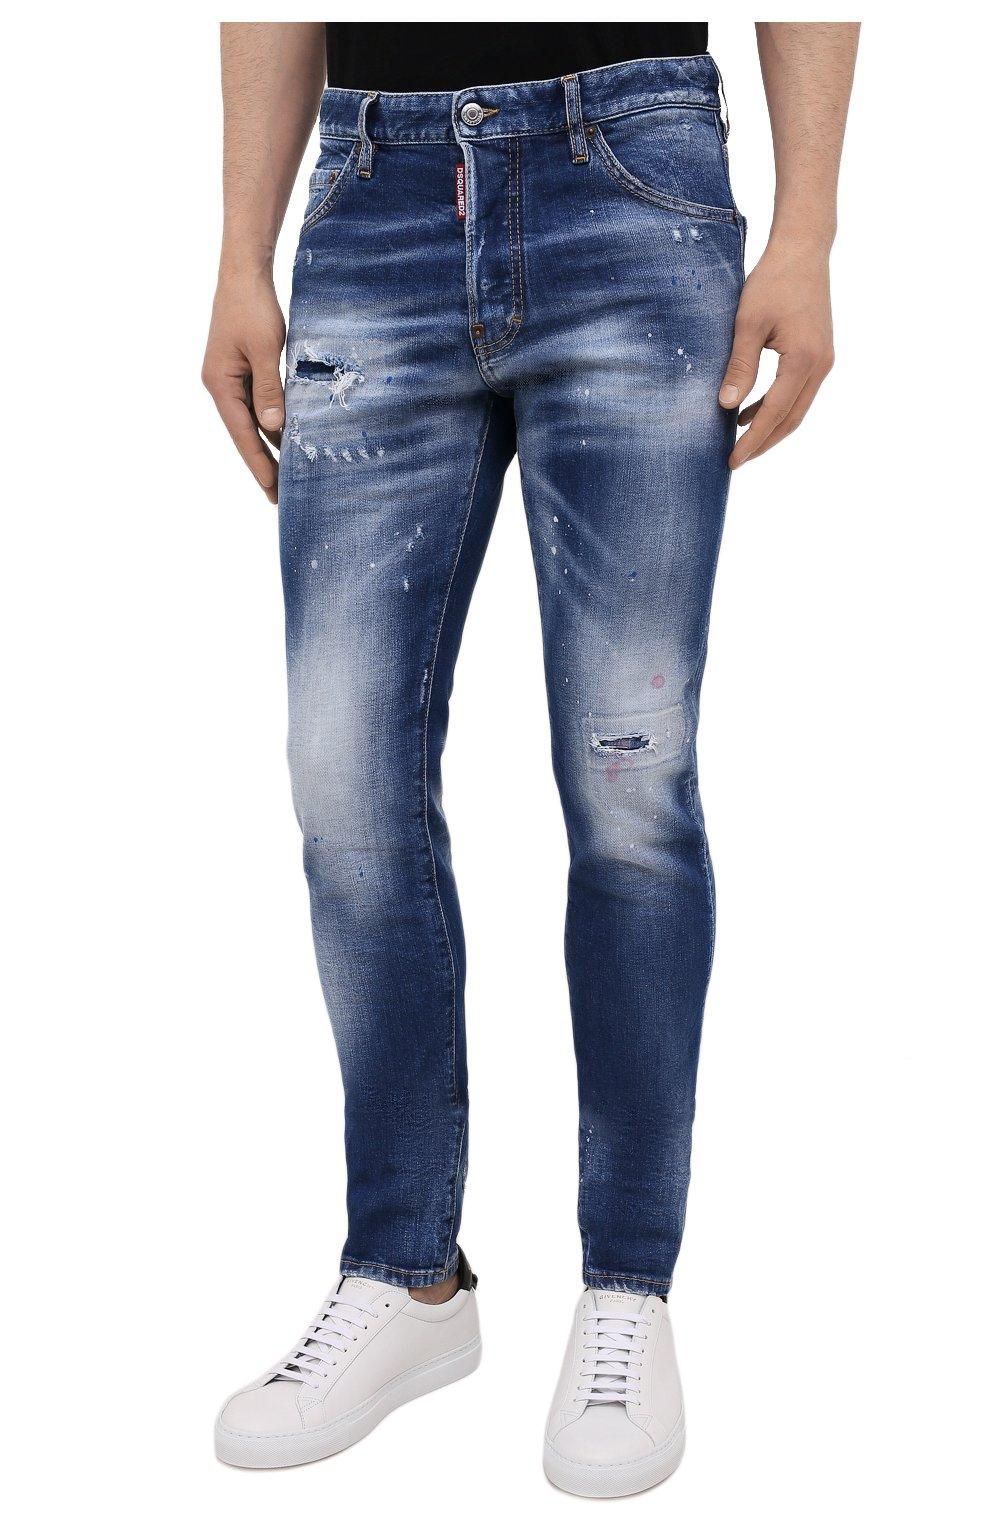 Мужские джинсы DSQUARED2 синего цвета, арт. S74LB1016/S30663   Фото 3 (Силуэт М (брюки): Узкие; Кросс-КТ: Деним; Длина (брюки, джинсы): Стандартные; Стили: Гранж; Материал внешний: Хлопок; Детали: Потертости)